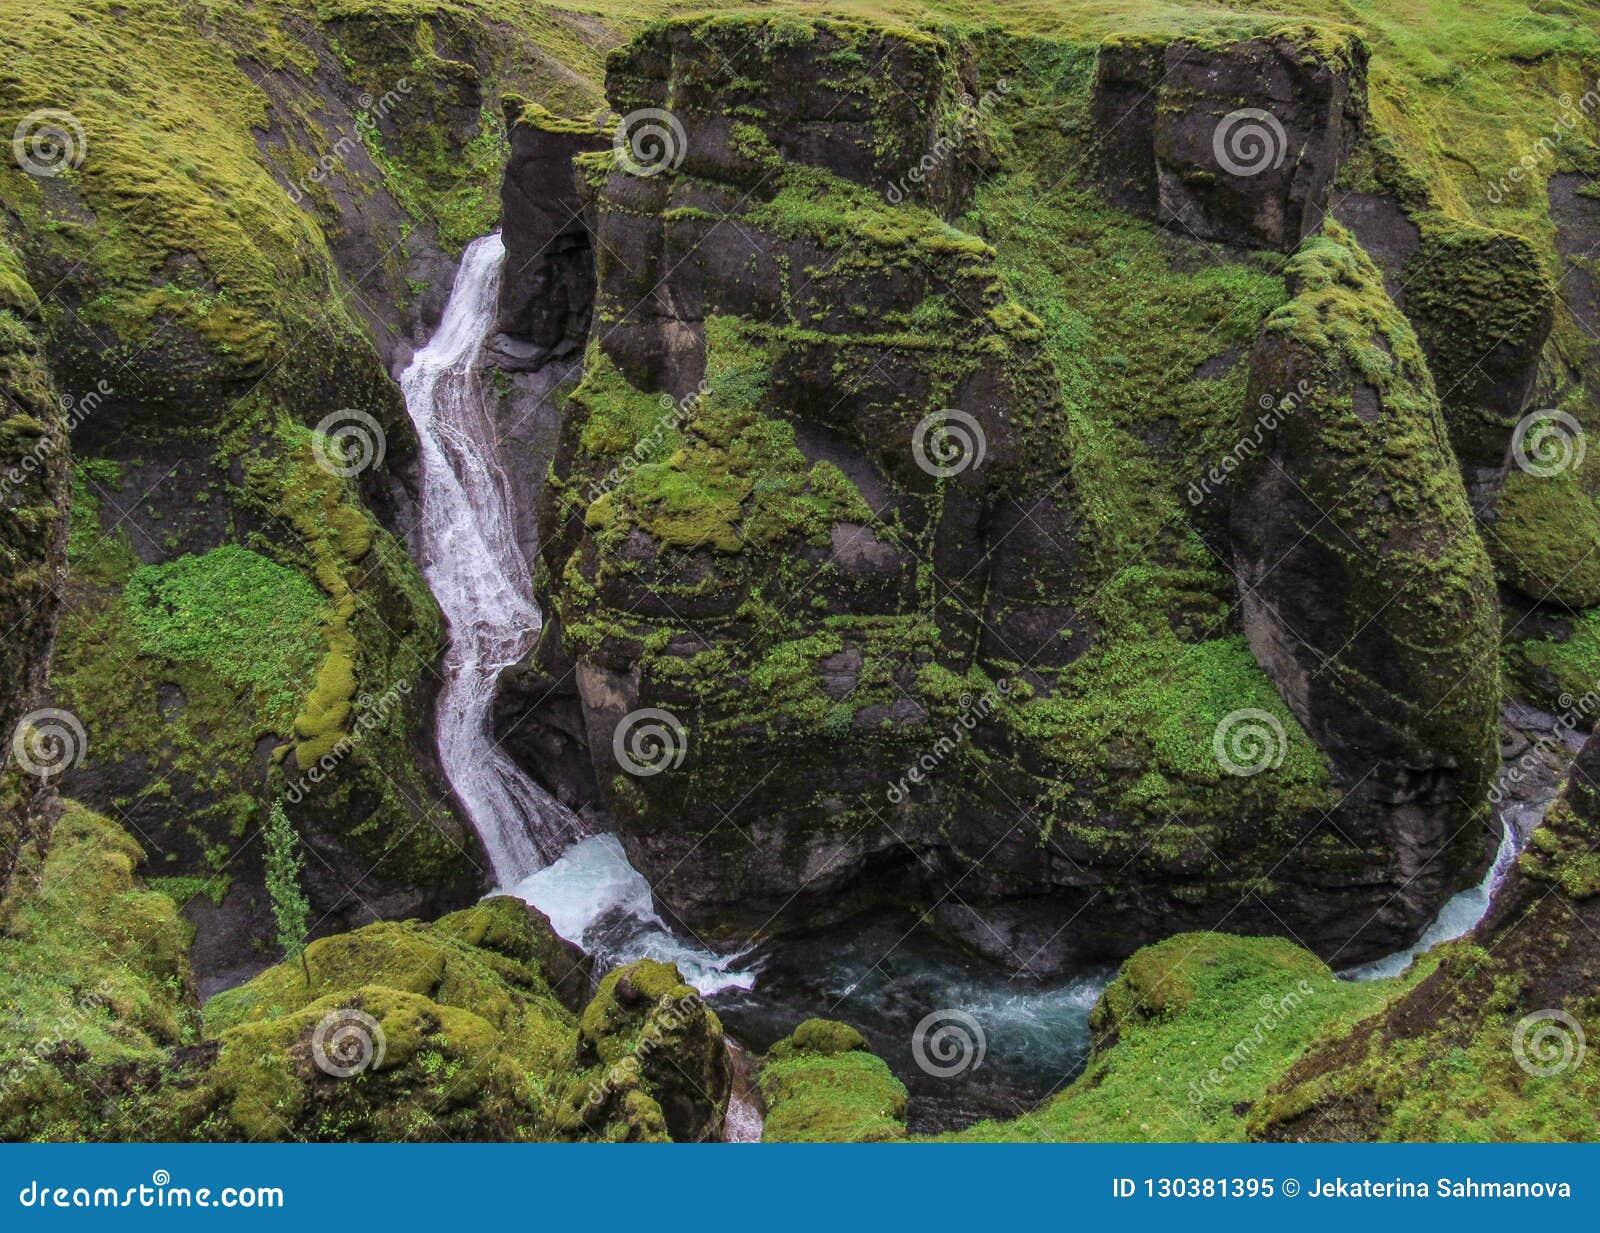 Indrukwekkend landschap van watervallen die in Fjadrargljufur-Canion vallen